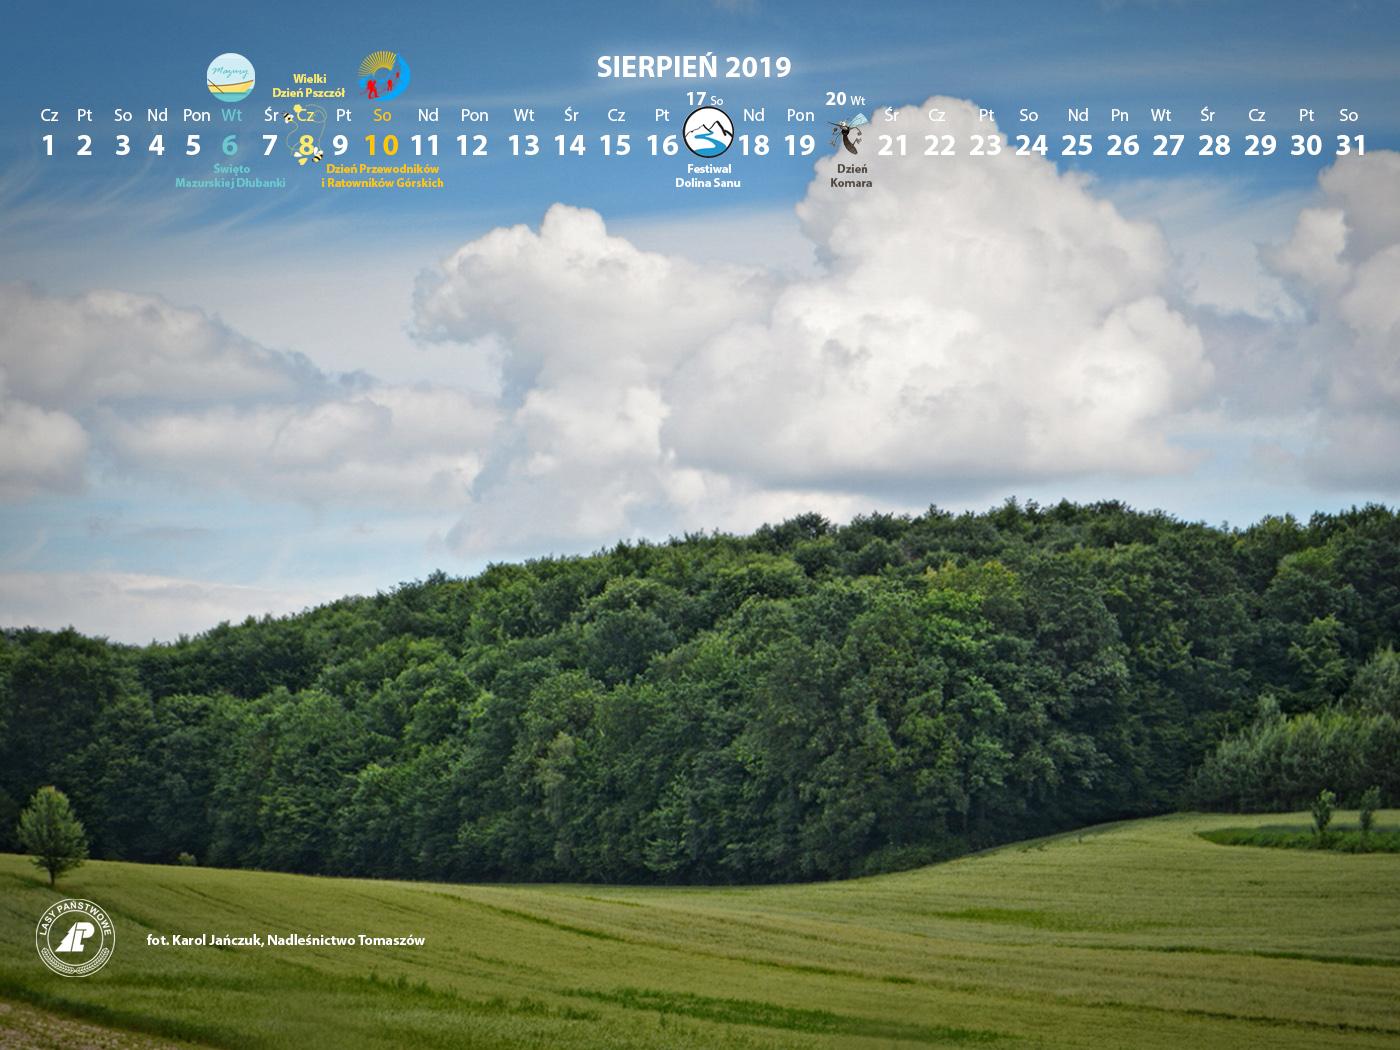 Kalendarz_sierpień_2019_1400x1050[1].jpg